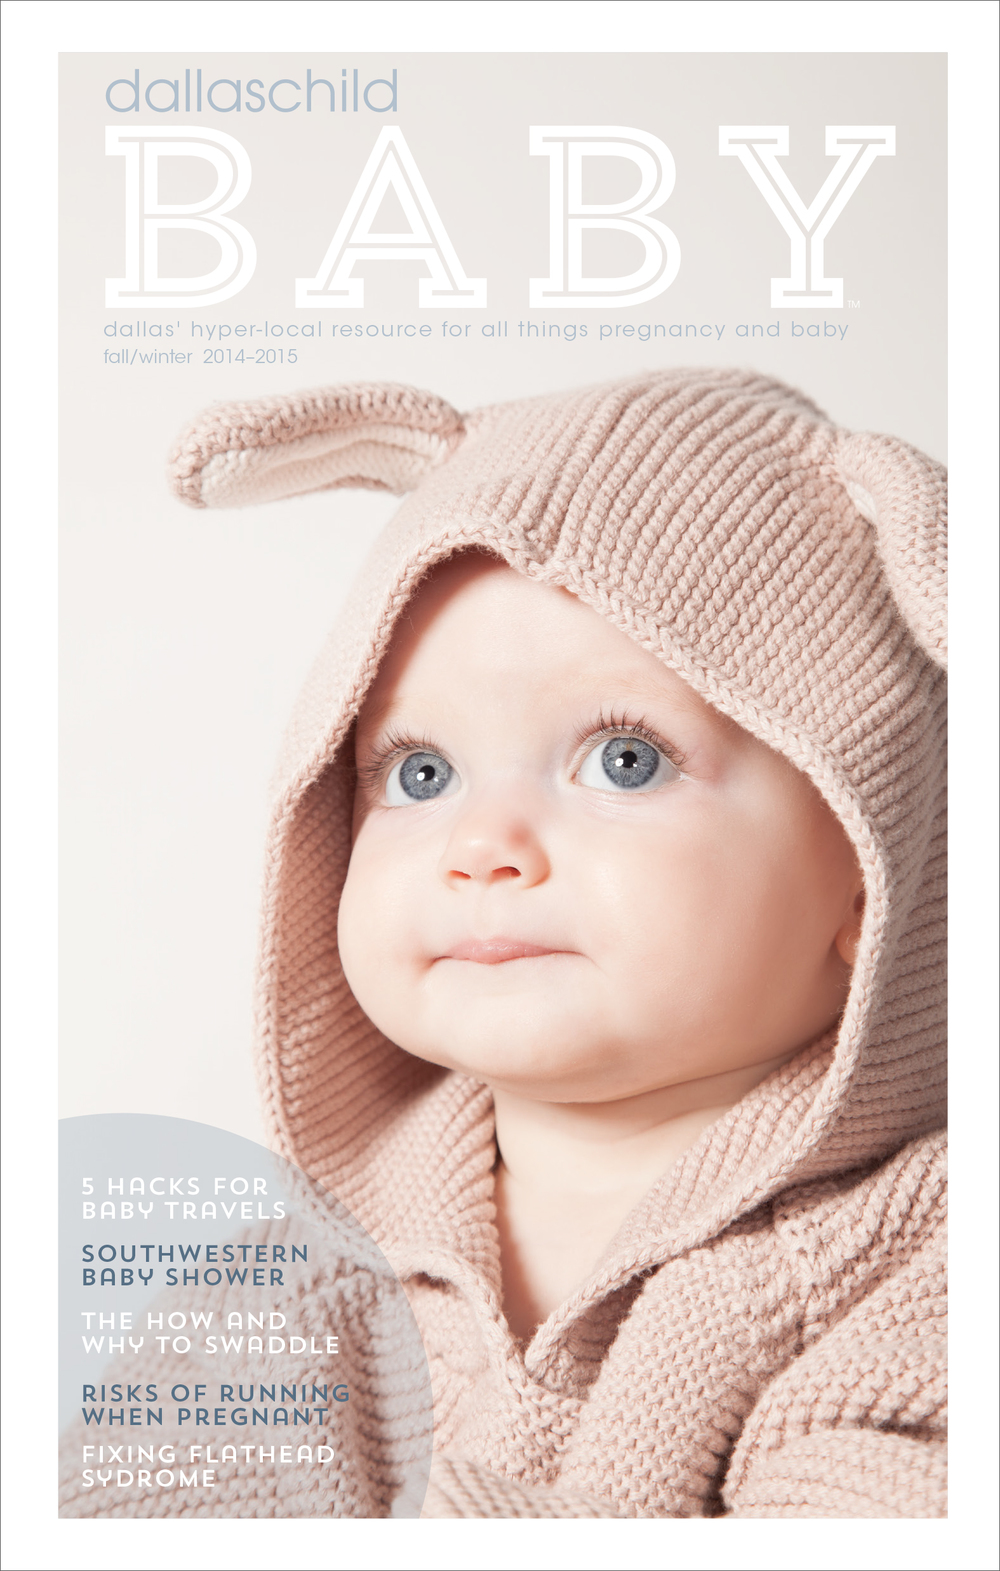 DallasChildbaby Fall/Winter 2014-2015 Cover